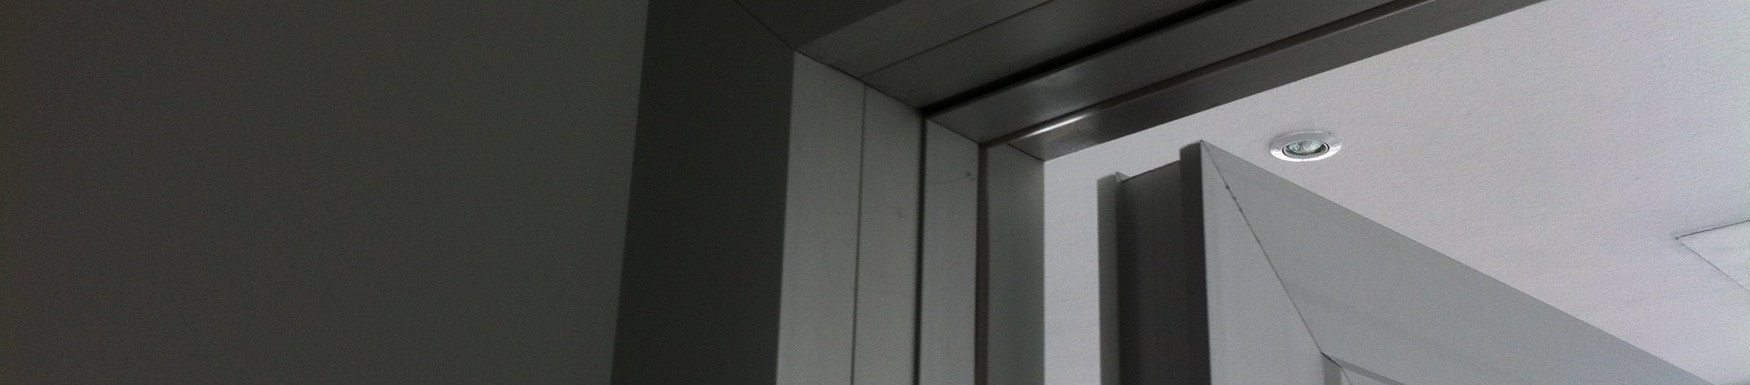 Телескопическая алюминиевая дверная коро